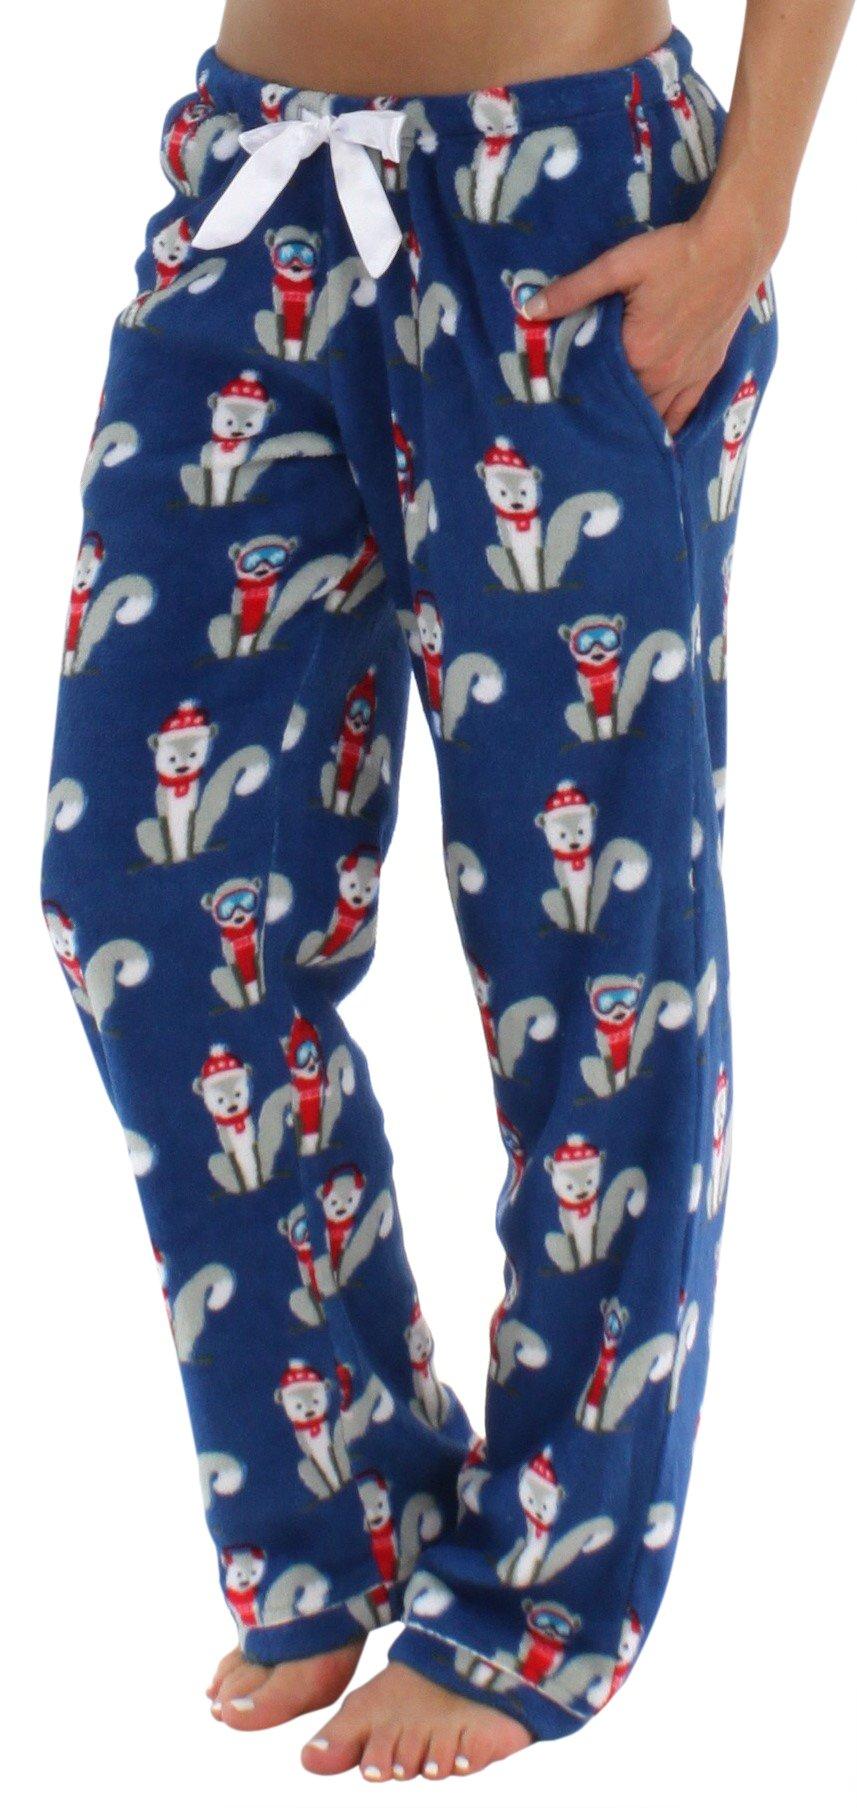 ecd99afc7acd PajamaMania Women s Fleece Pajama Pant Comfy Pants